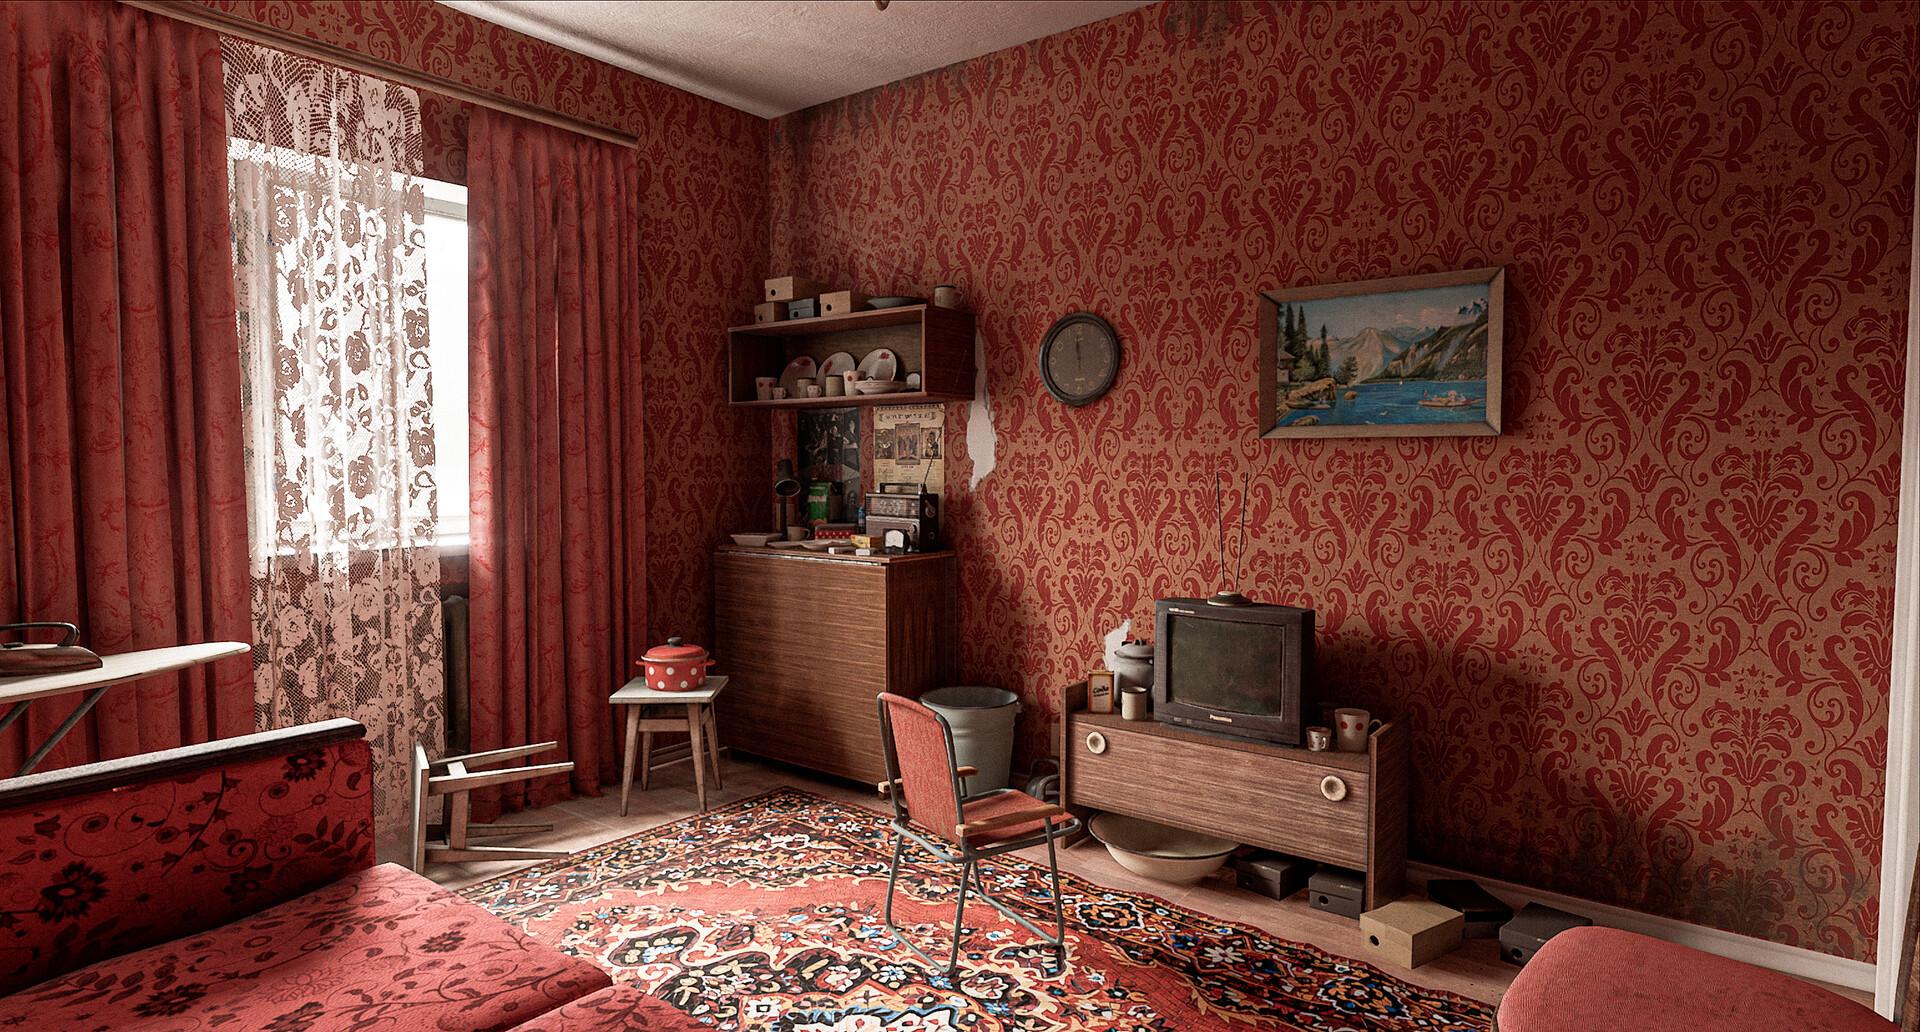 -el-proyecto-gris-y-triste-definido-en-este-apartamento-sovietico.jpg